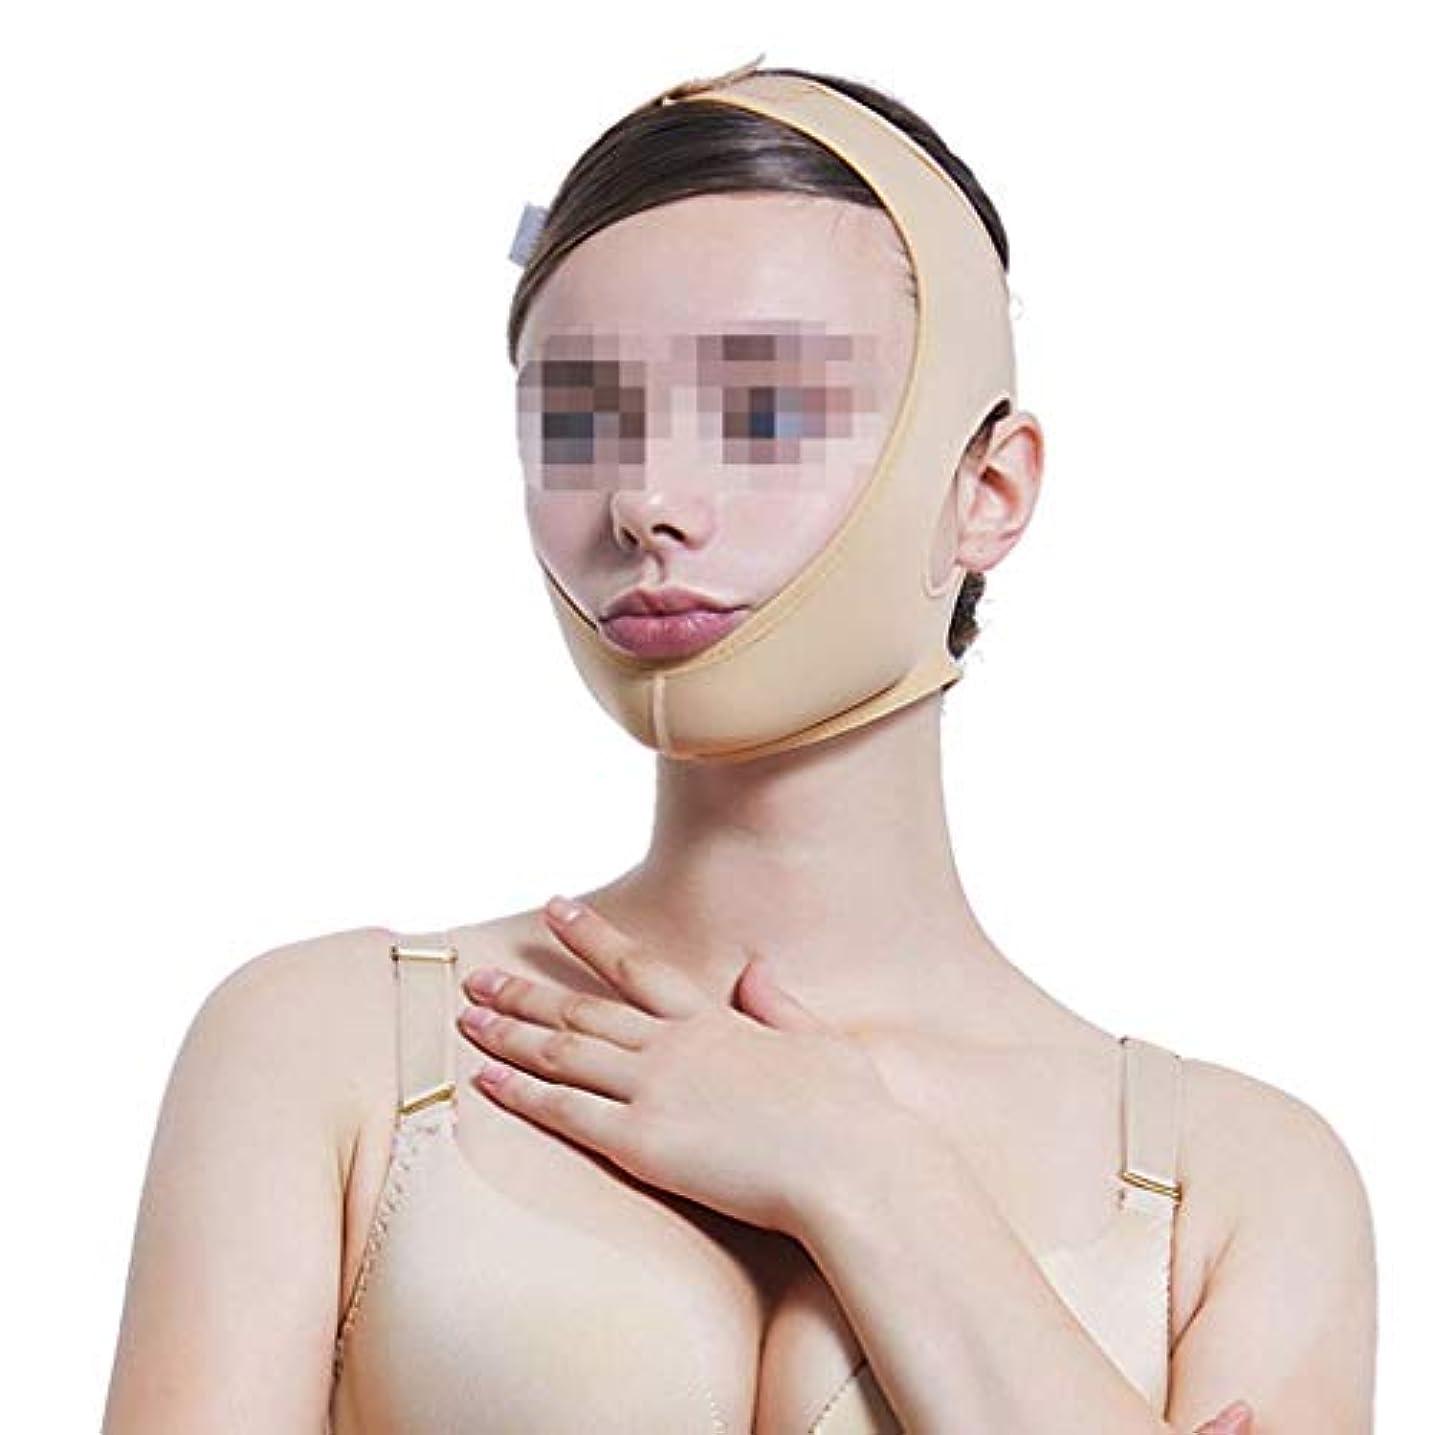 何もないかもしれない者ビームフェイス弾性ヘッドギア、ダブルあごのあごのセットをマスクの後に線彫り薄いフェイス包帯マルチサイズオプション(サイズ:XS),L